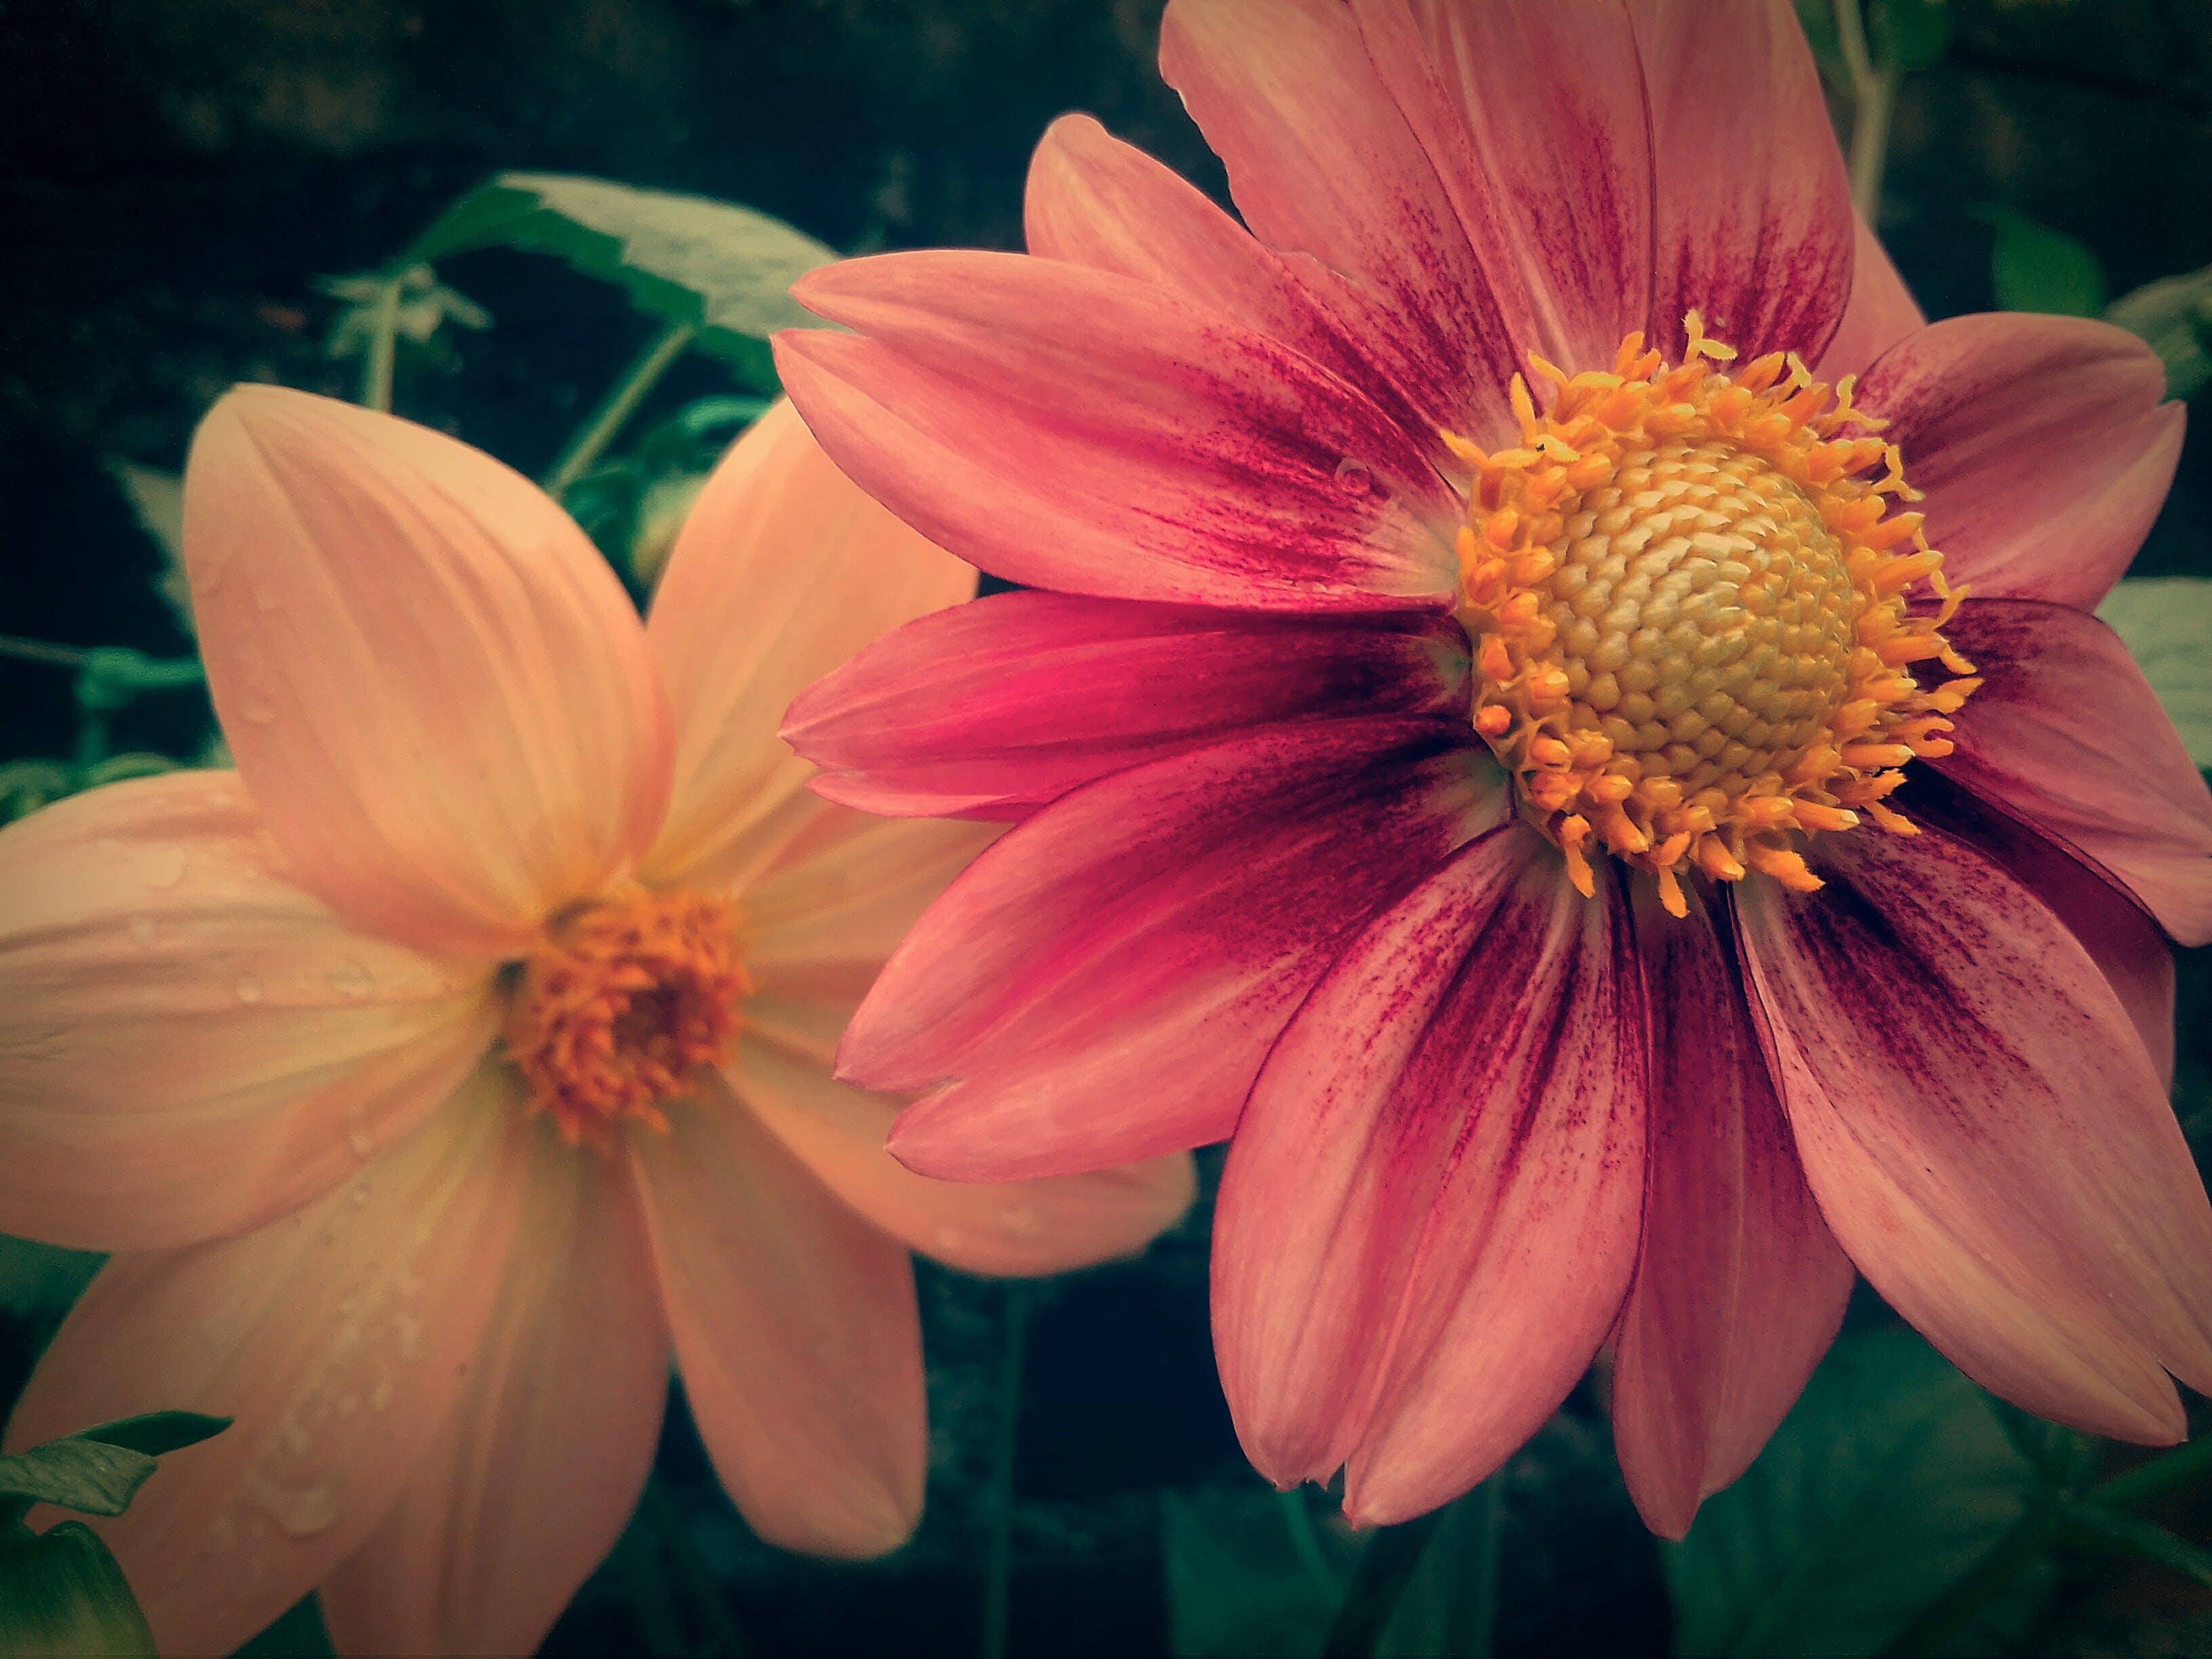 Gratis lagerfoto af baggrundsbillede, blomst, blomst tapet, blomsterbuket